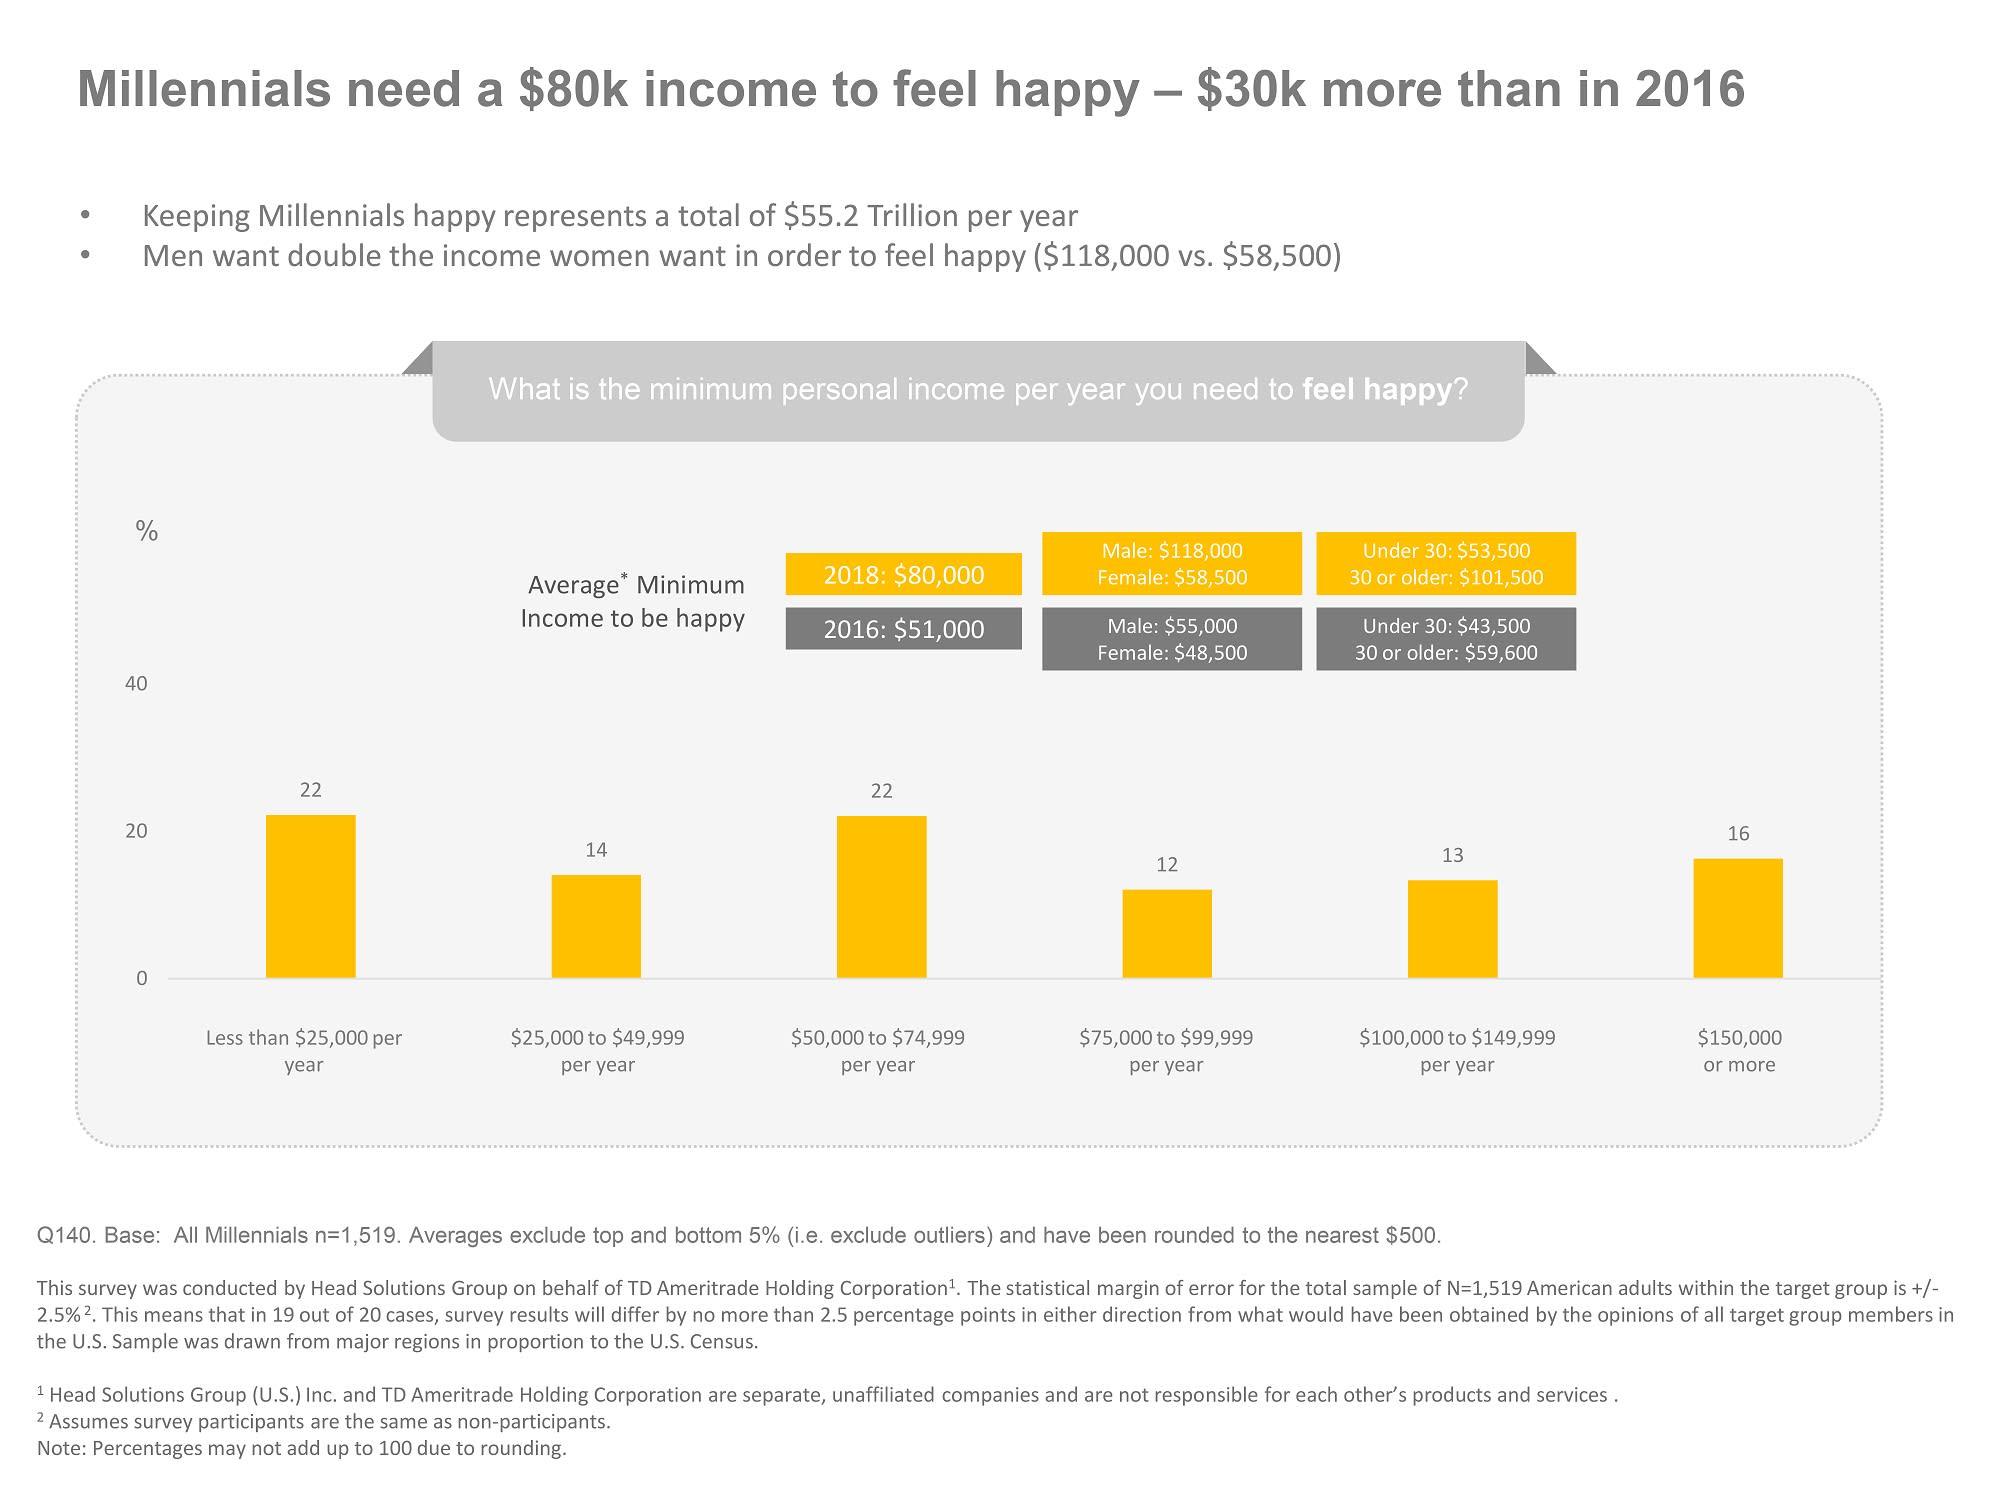 Chart asset: TD Ameritrade millennial happiness